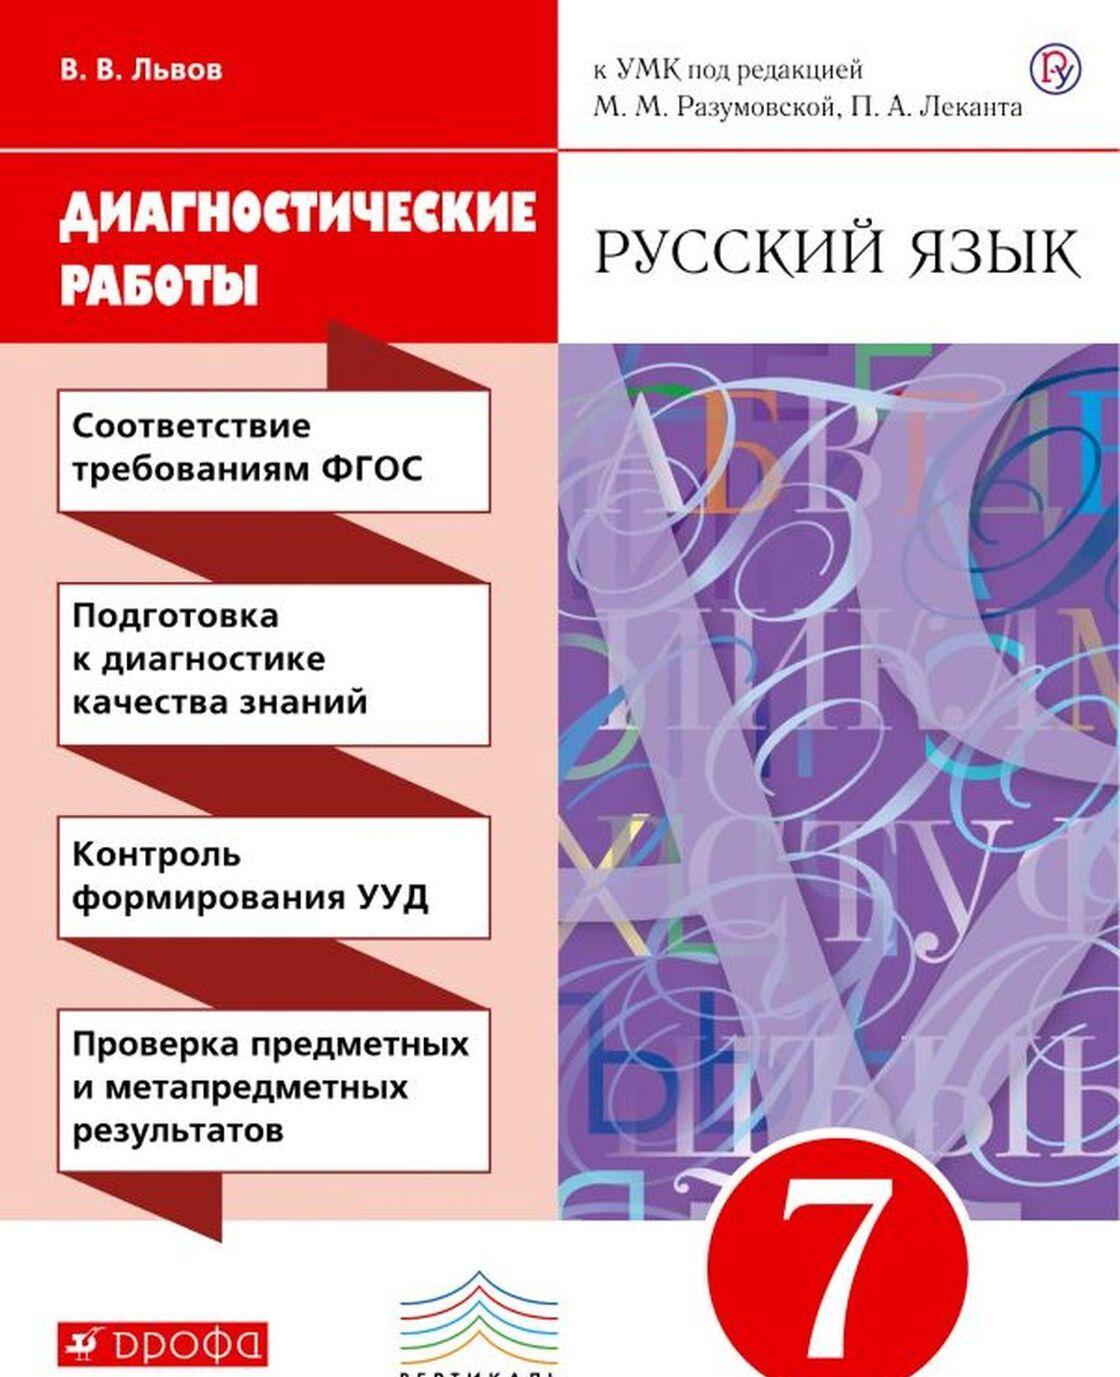 Russkij jazyk. 7 klass. Diagnosticheskie raboty. K UMK pod red. M. M. Razumovskoj, P. A. Lekanta